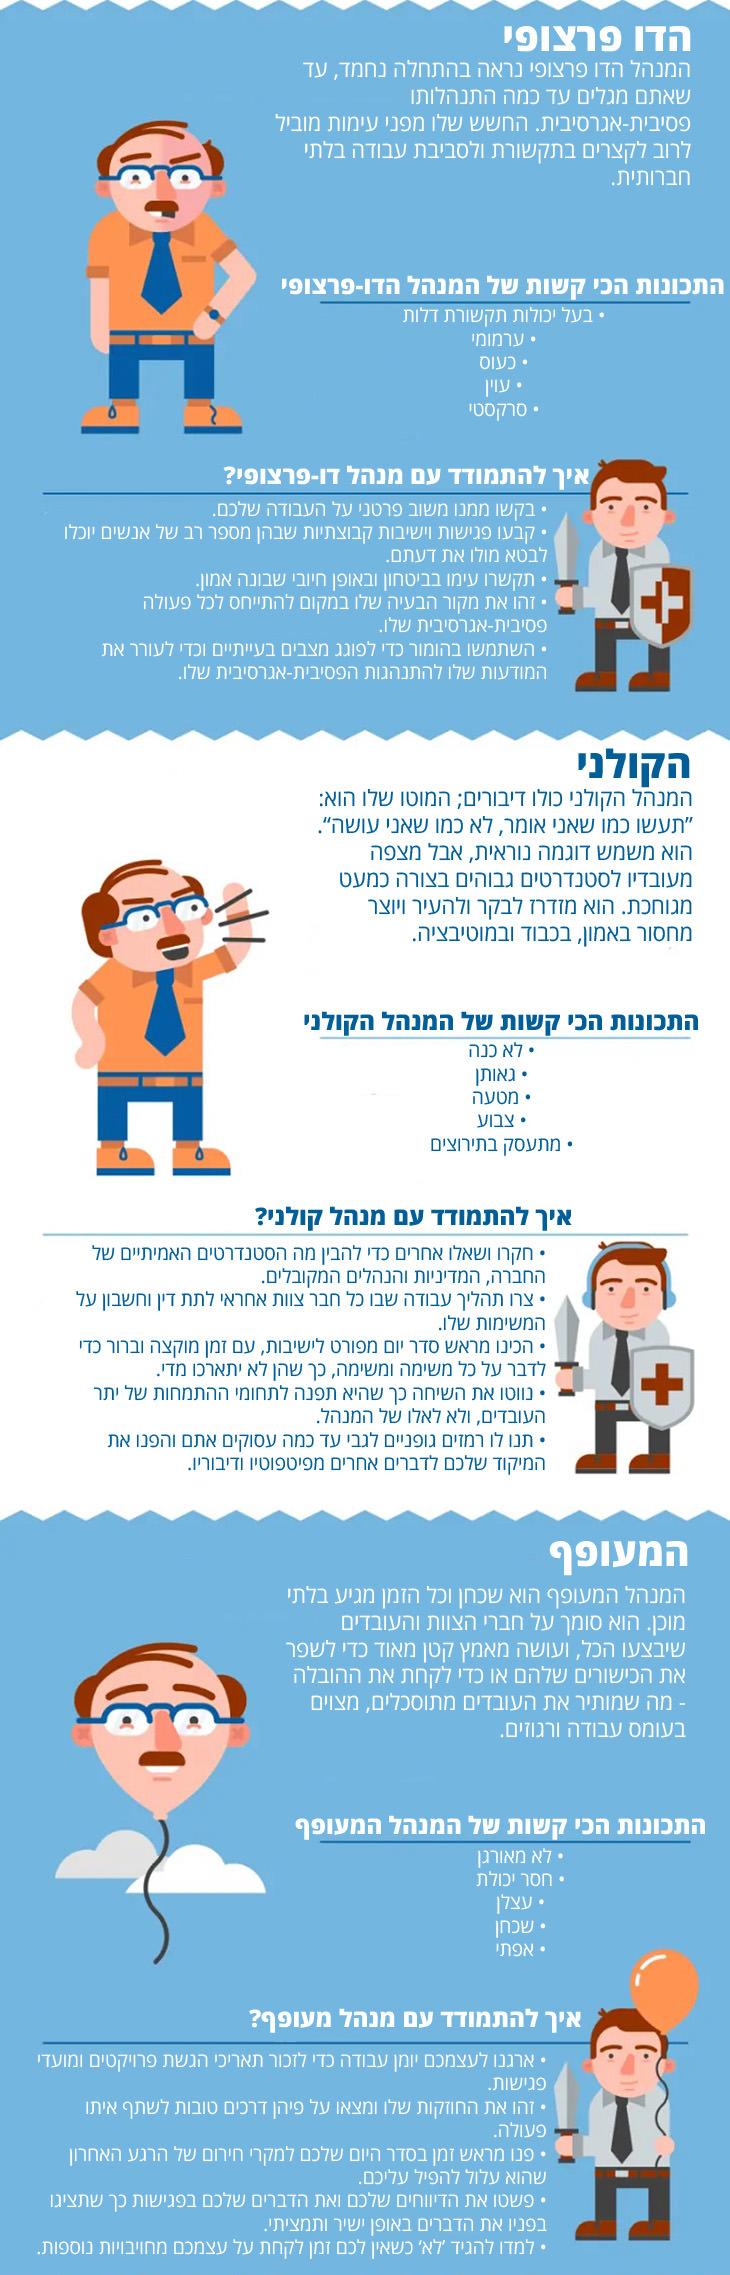 8 סוגי מנהלים בעייתיים: